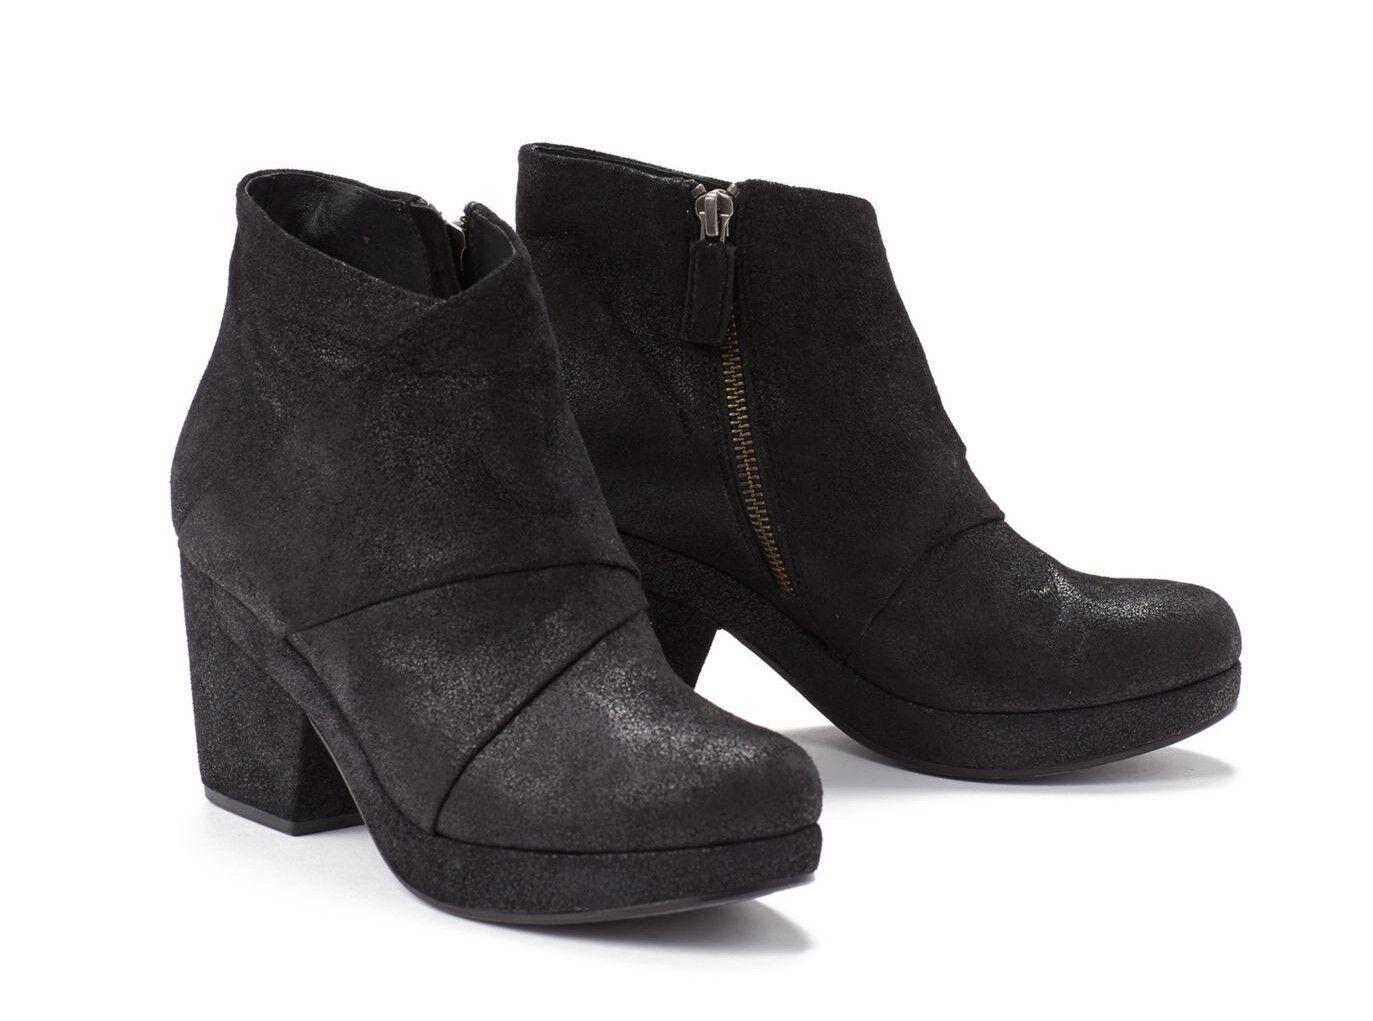 Eileen Fisher Zapatos Botines Plataforma Botín Coaxial De De De Cuero Negro 8.5  300  tomar hasta un 70% de descuento